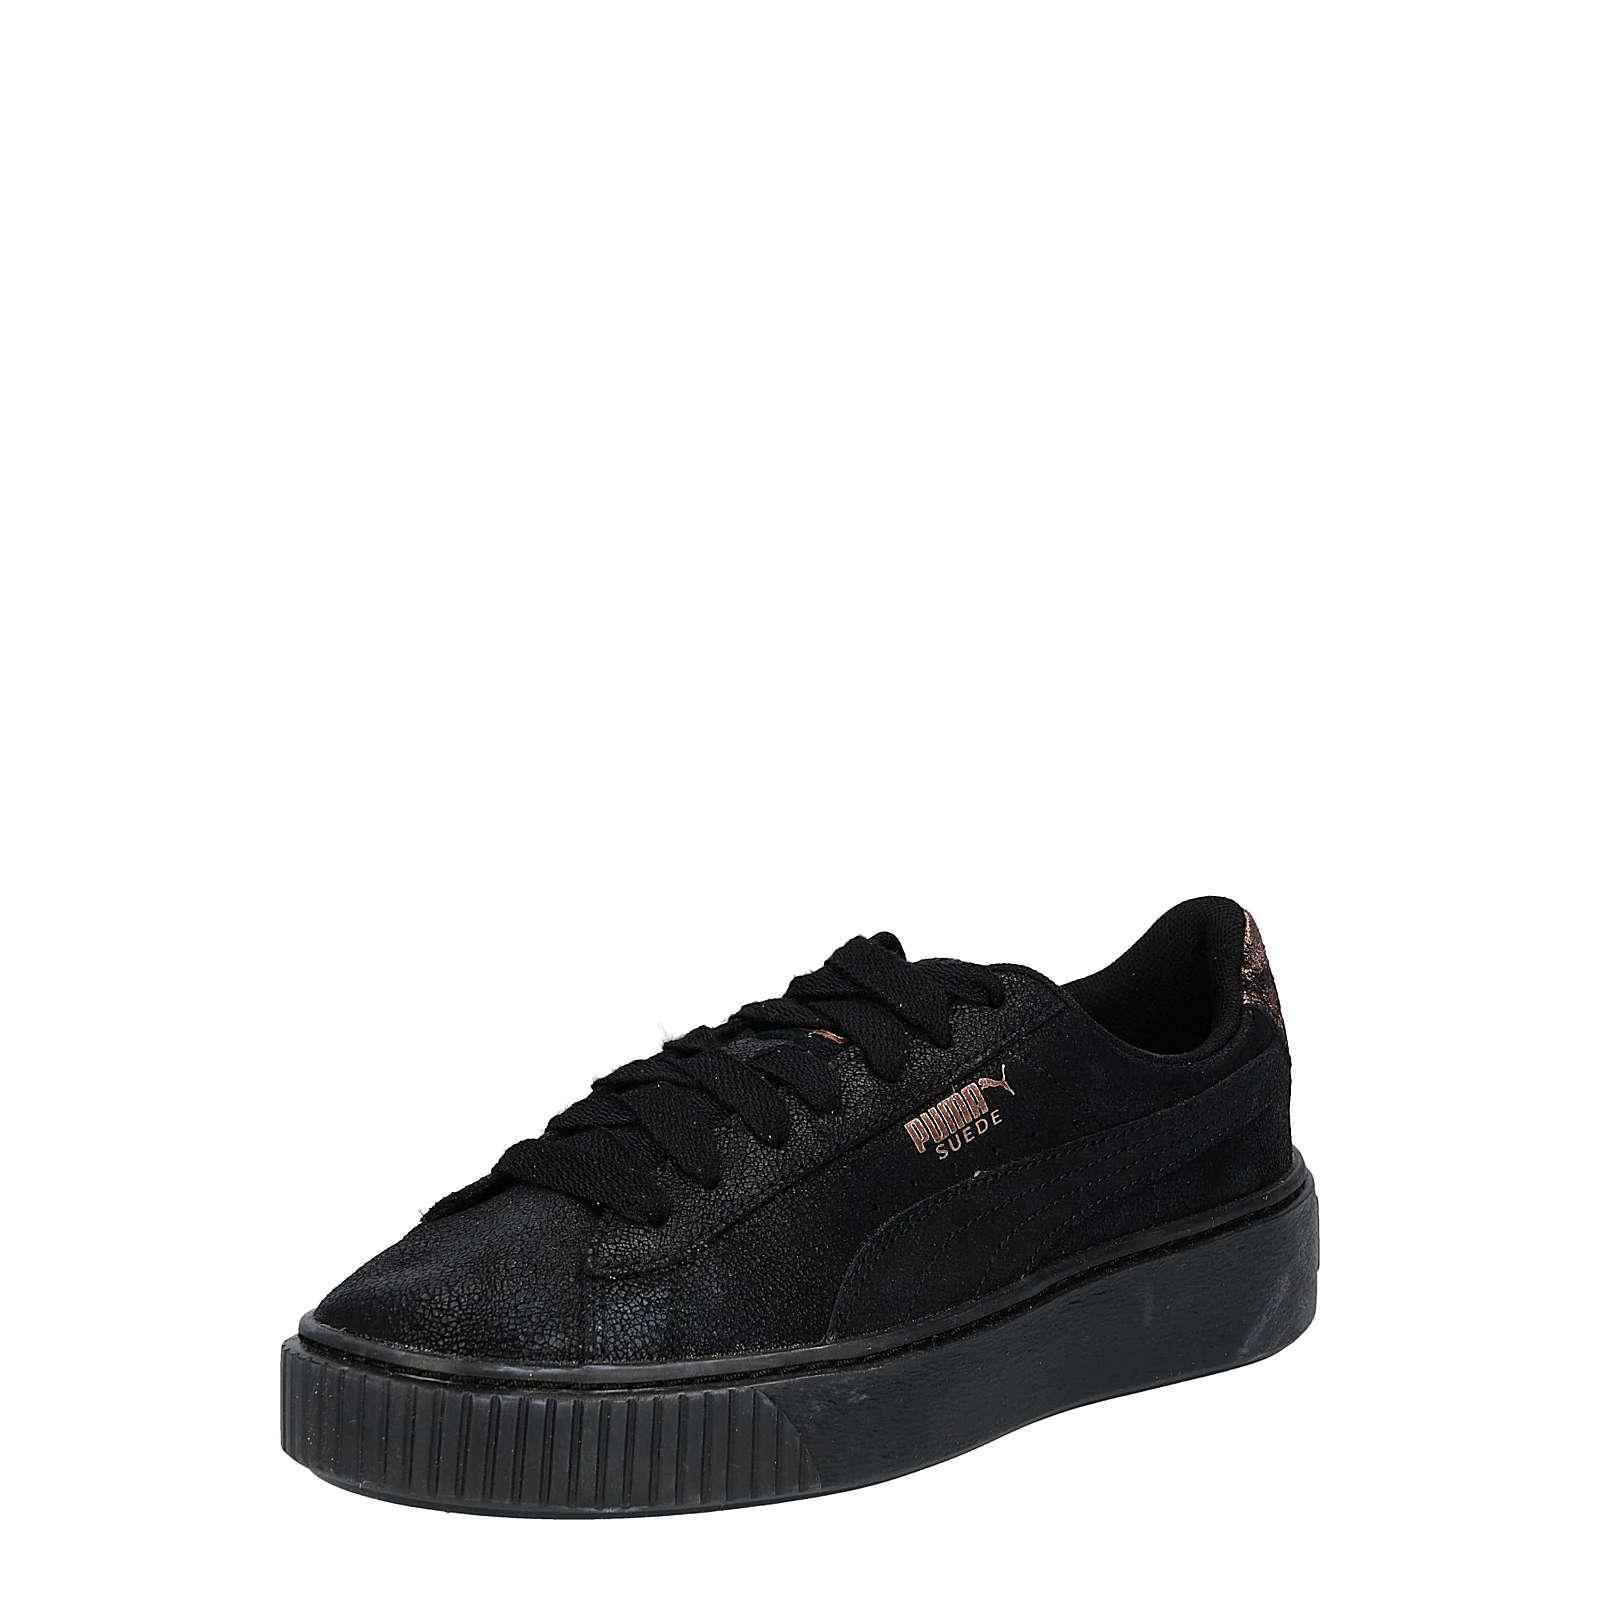 PUMA Sneaker low Artica Sneakers Low schwarz Damen Gr. 37,5